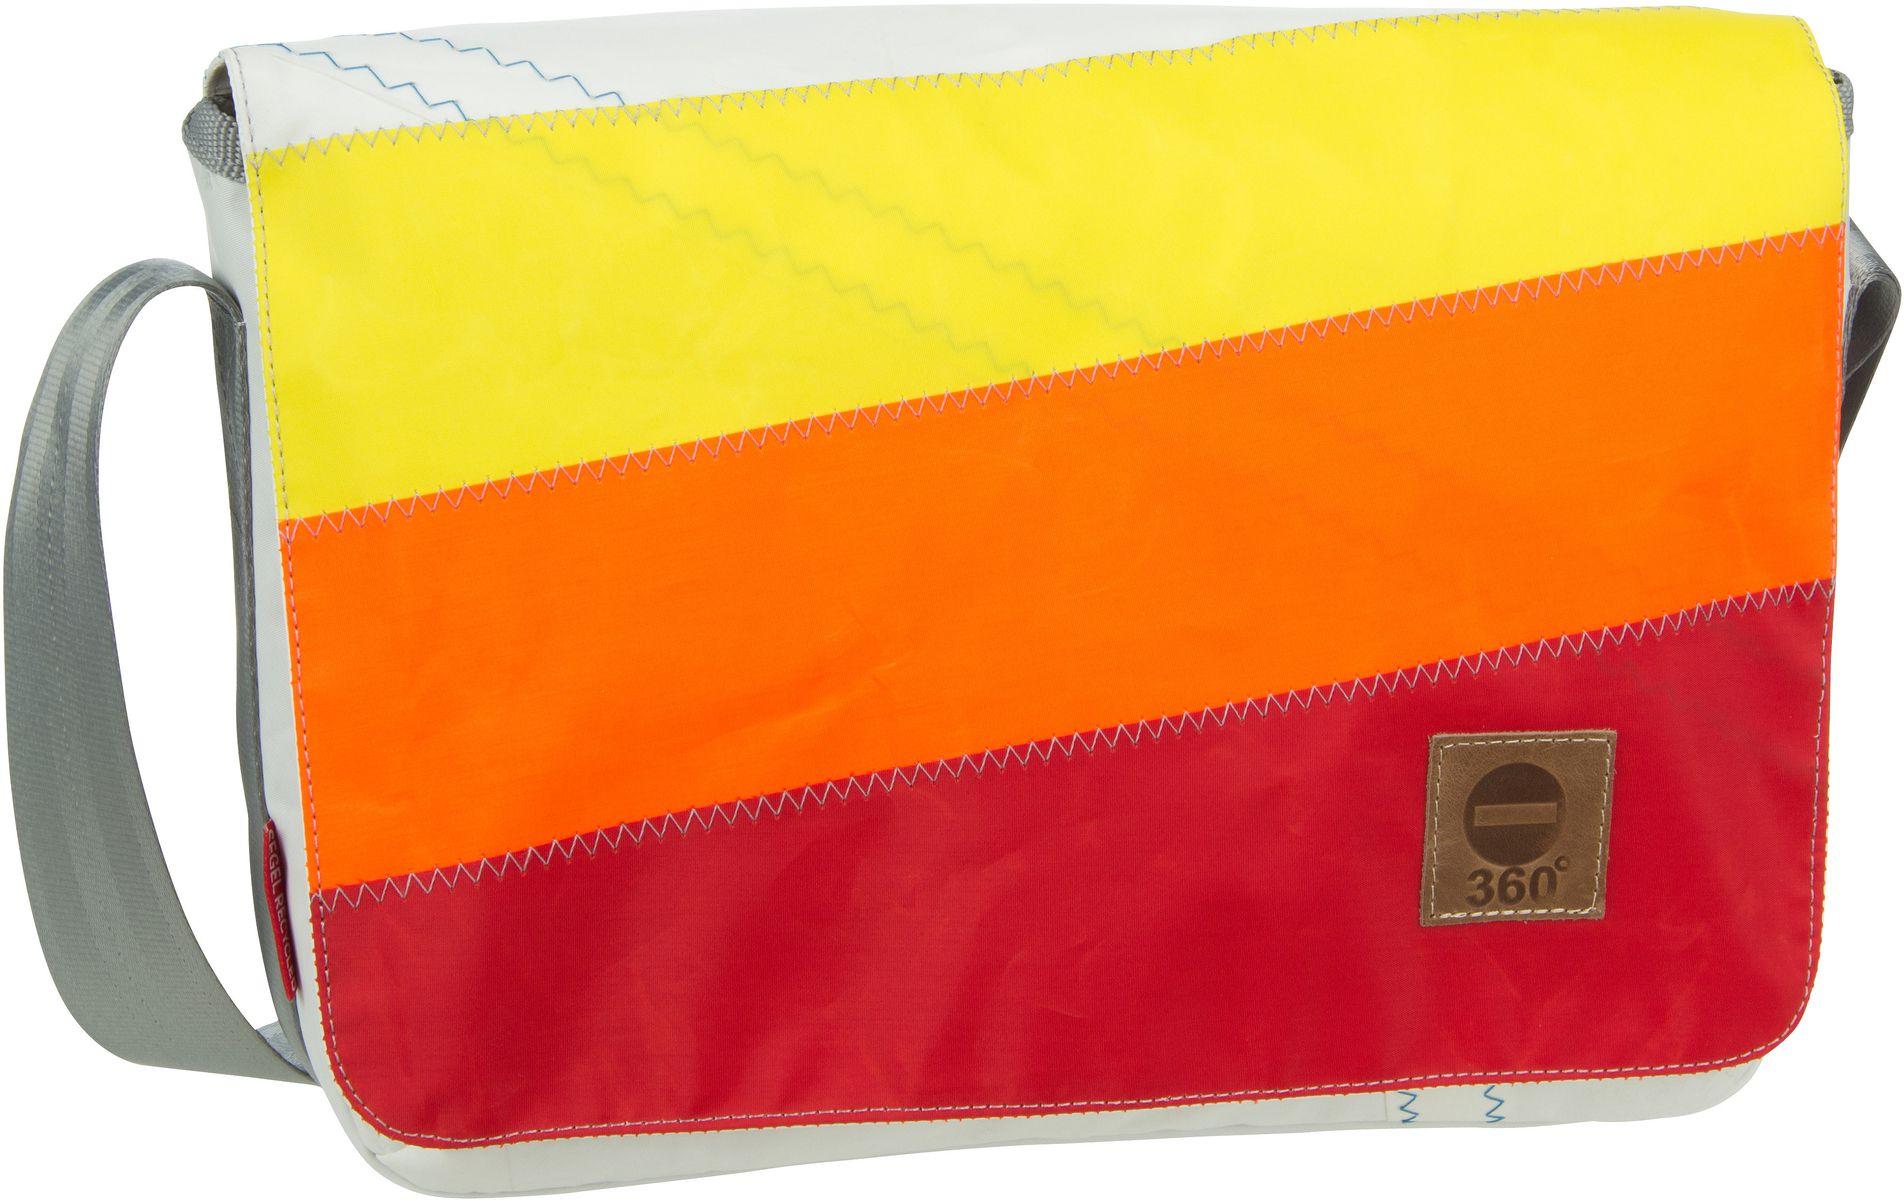 Umhängetasche Barkasse Mini Gelb/Orange/Rote Streifen (15 Liter)